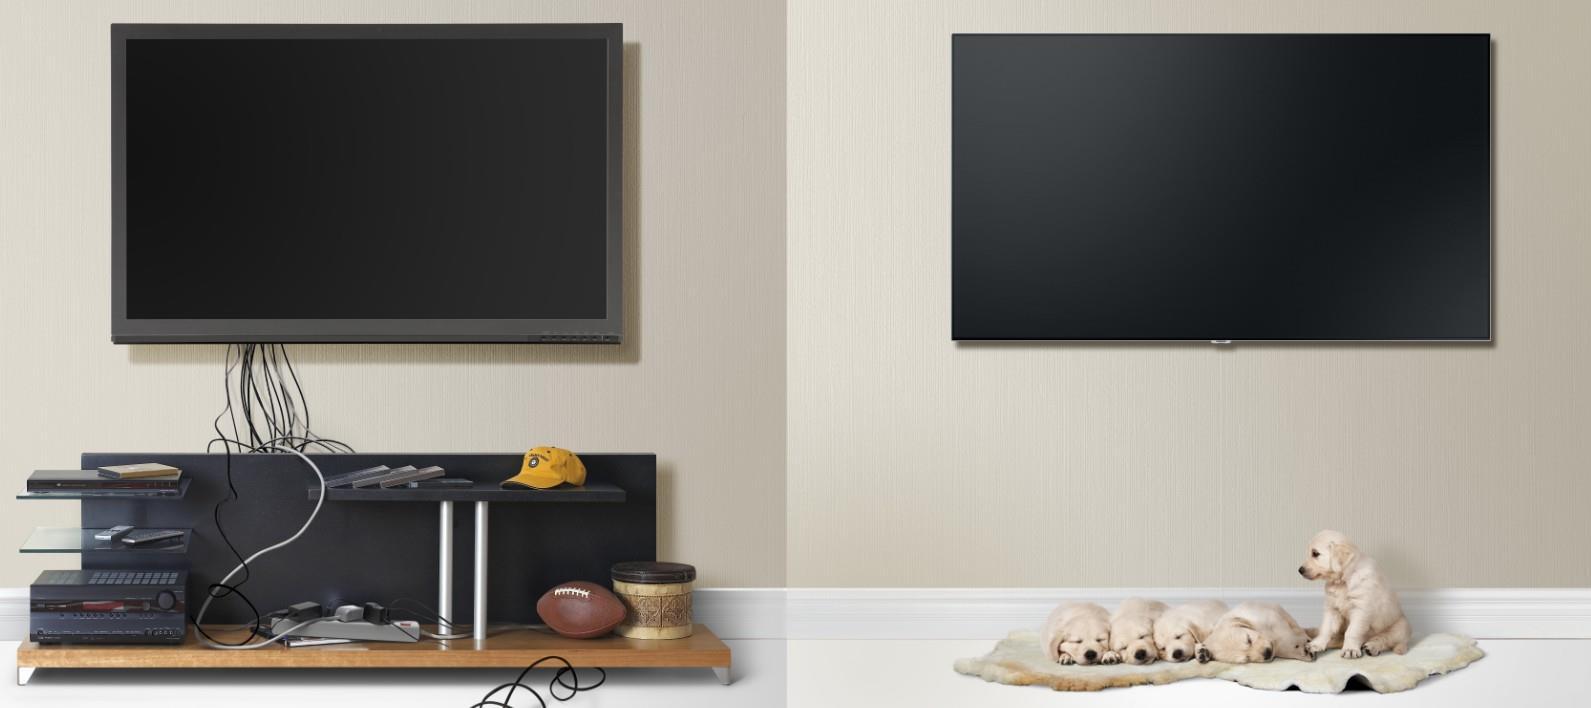 nouvelle gamme de tv qled samsung encore plus fort que le suhd conseils d 39 experts fnac. Black Bedroom Furniture Sets. Home Design Ideas